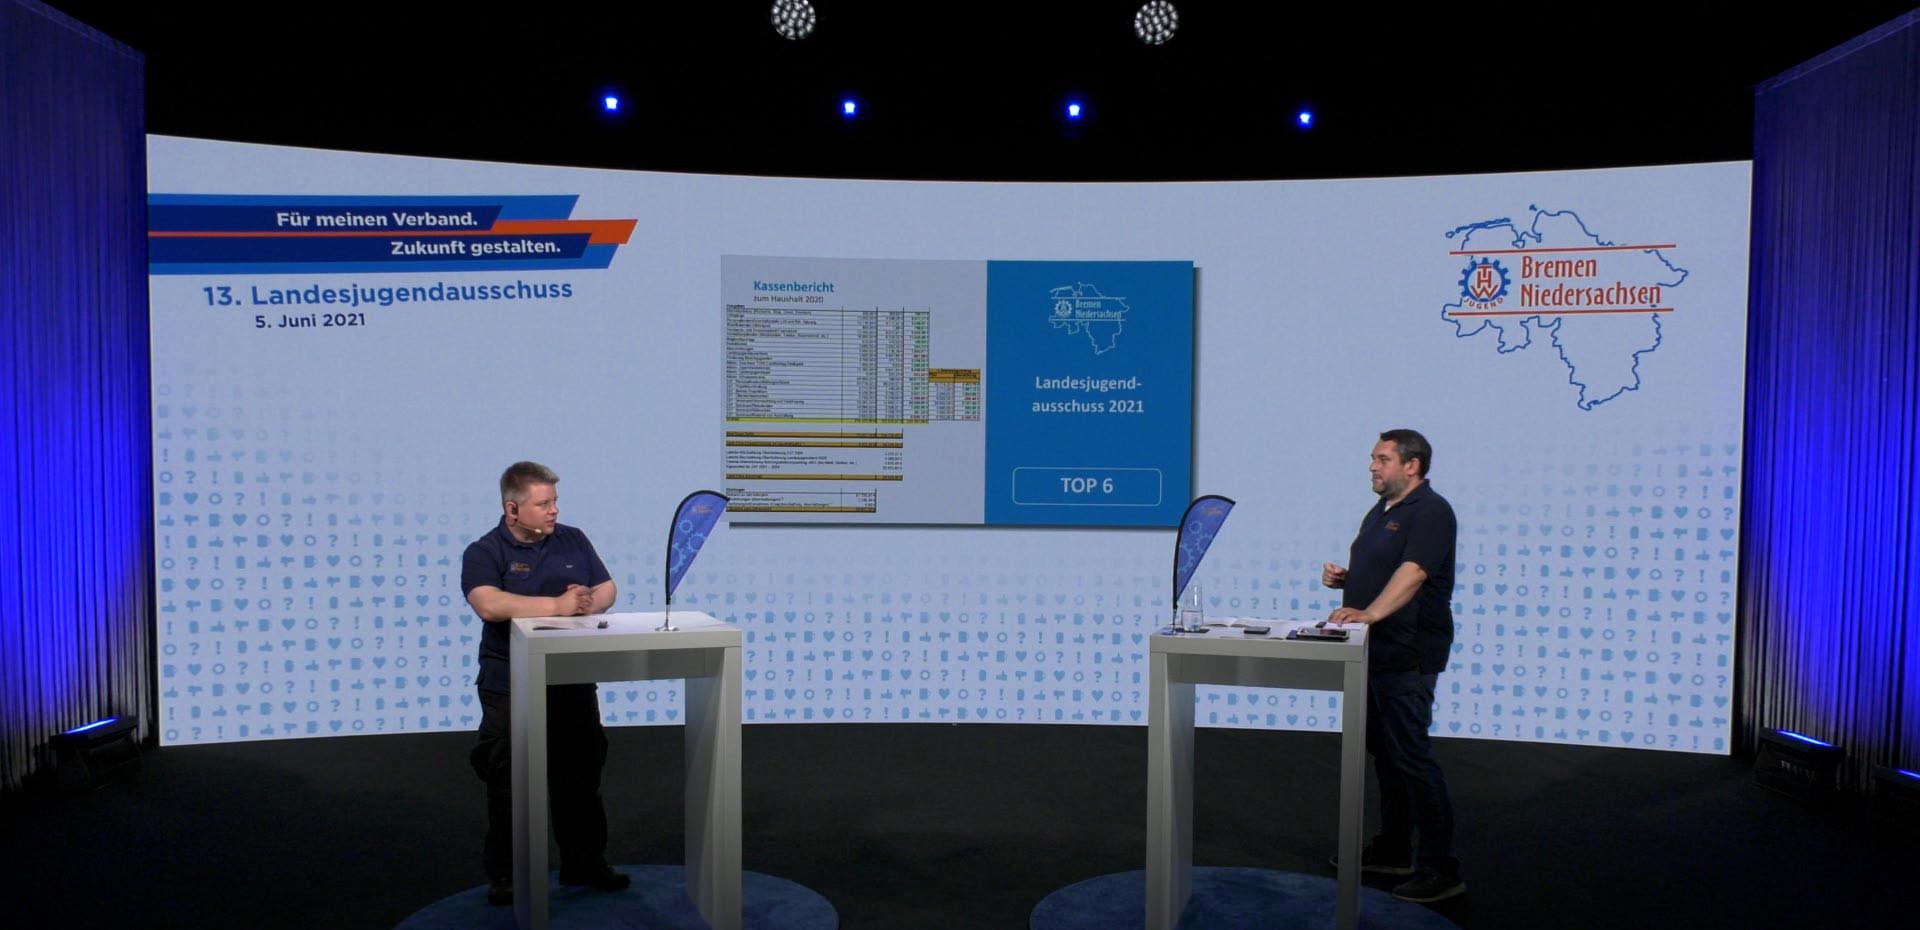 Tim Kohnen (Kassenwart) und Mark-Phillip Becker (Landesjugendleiter) berichten über die Mittelverausgabung im zurückliegenden Haushaltsjahr 2020.